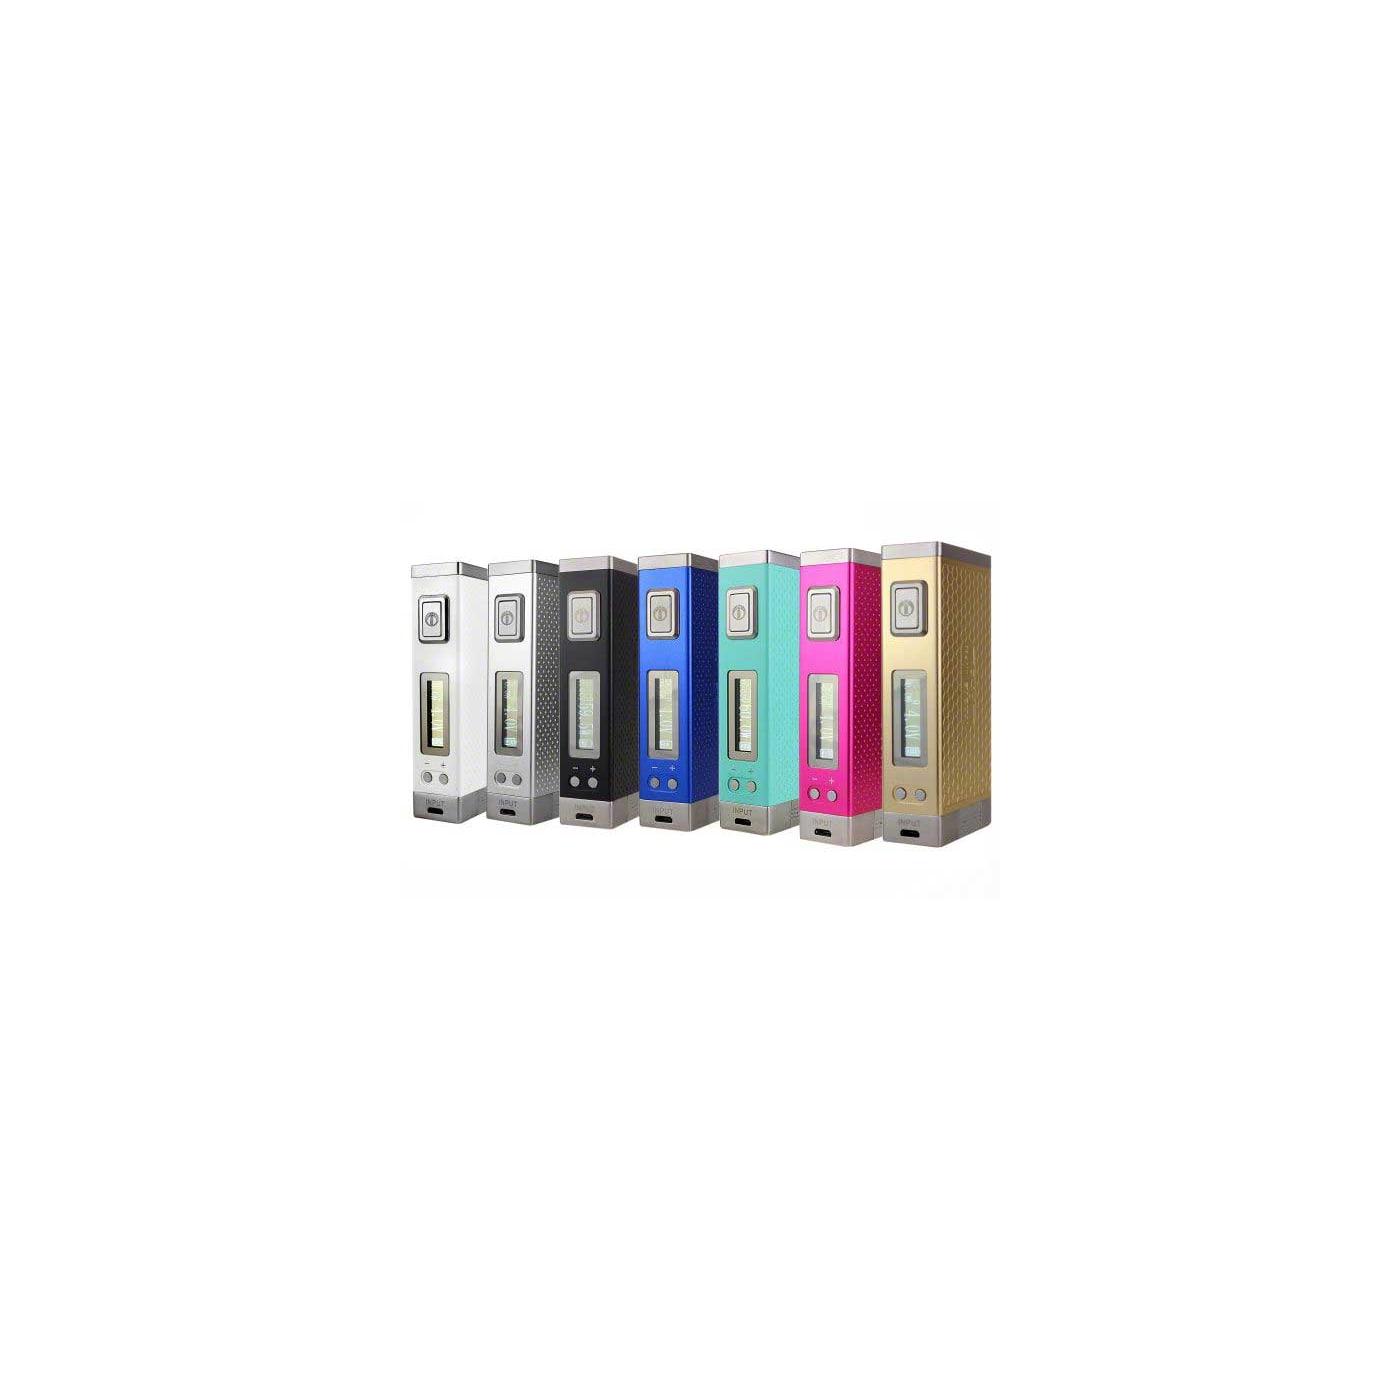 Innokin Itaste MVP 3.0 Pro 60W Express Kit